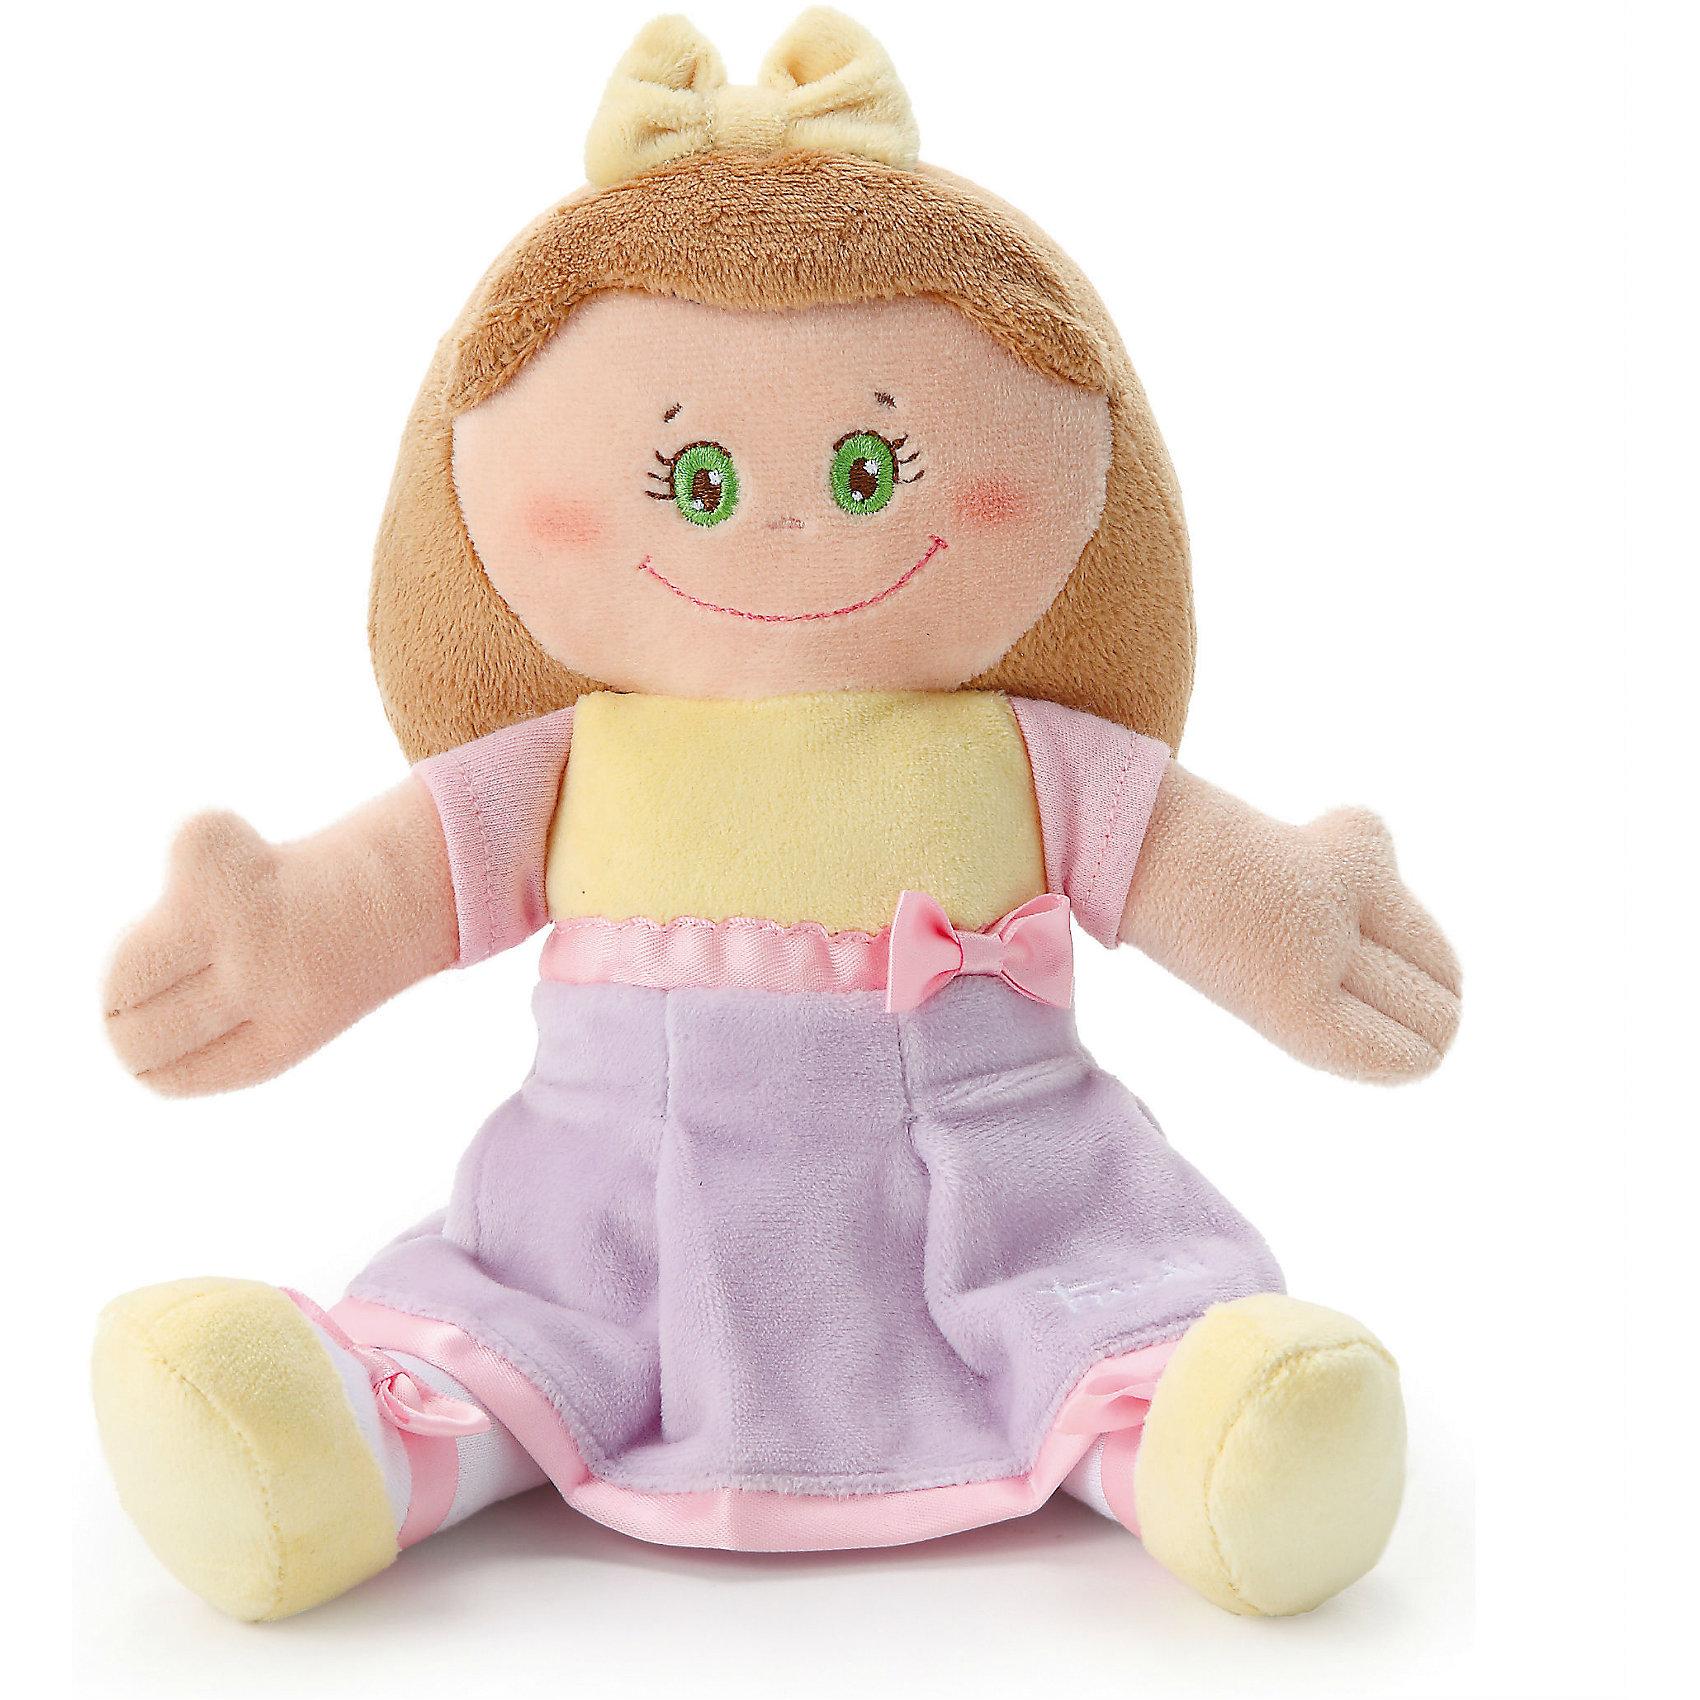 Мягкая кукла в желто-сиреневом платье, 24 см, TrudiМягкие куклы<br>Мягкая кукла в желто-сиреневом платье, 24 см. от популярного итальянского бренда Trudi (Труди) станет первой подругой малыша с самого рождения. Кукла изготовлена из безопасных материалов, не содержит мелких деталей и разработана специально для новорожденных. Мягкие оттенки сиреневого и пастельного желтого придут по вкусу крохе, а красивые зеленые глаза убеждают в том, что кукла будто живая. Детишки постарше смогут играть с куклой в дочки-матери и отрабатывать социальные навыки. Игрушка-кукла поможет развить воображение, навыки общения, моторику рук, а также тактильное и цветовое восприятие.   <br>Дополнительная информация:<br><br>- Состав: текстиль<br>- Размер: 24 см. <br><br>Мягкую куклу в желто-сиреневом платье, 24 см, Trudi (Труди) можно купить в нашем интернет-магазине.<br>Подробнее:<br>• Для детей в возрасте: от 0 месяцев <br>• Номер товара: 5055273<br>Страна производитель: Китай<br><br>Ширина мм: 135<br>Глубина мм: 90<br>Высота мм: 240<br>Вес г: 130<br>Возраст от месяцев: -2147483648<br>Возраст до месяцев: 2147483647<br>Пол: Женский<br>Возраст: Детский<br>SKU: 5055273